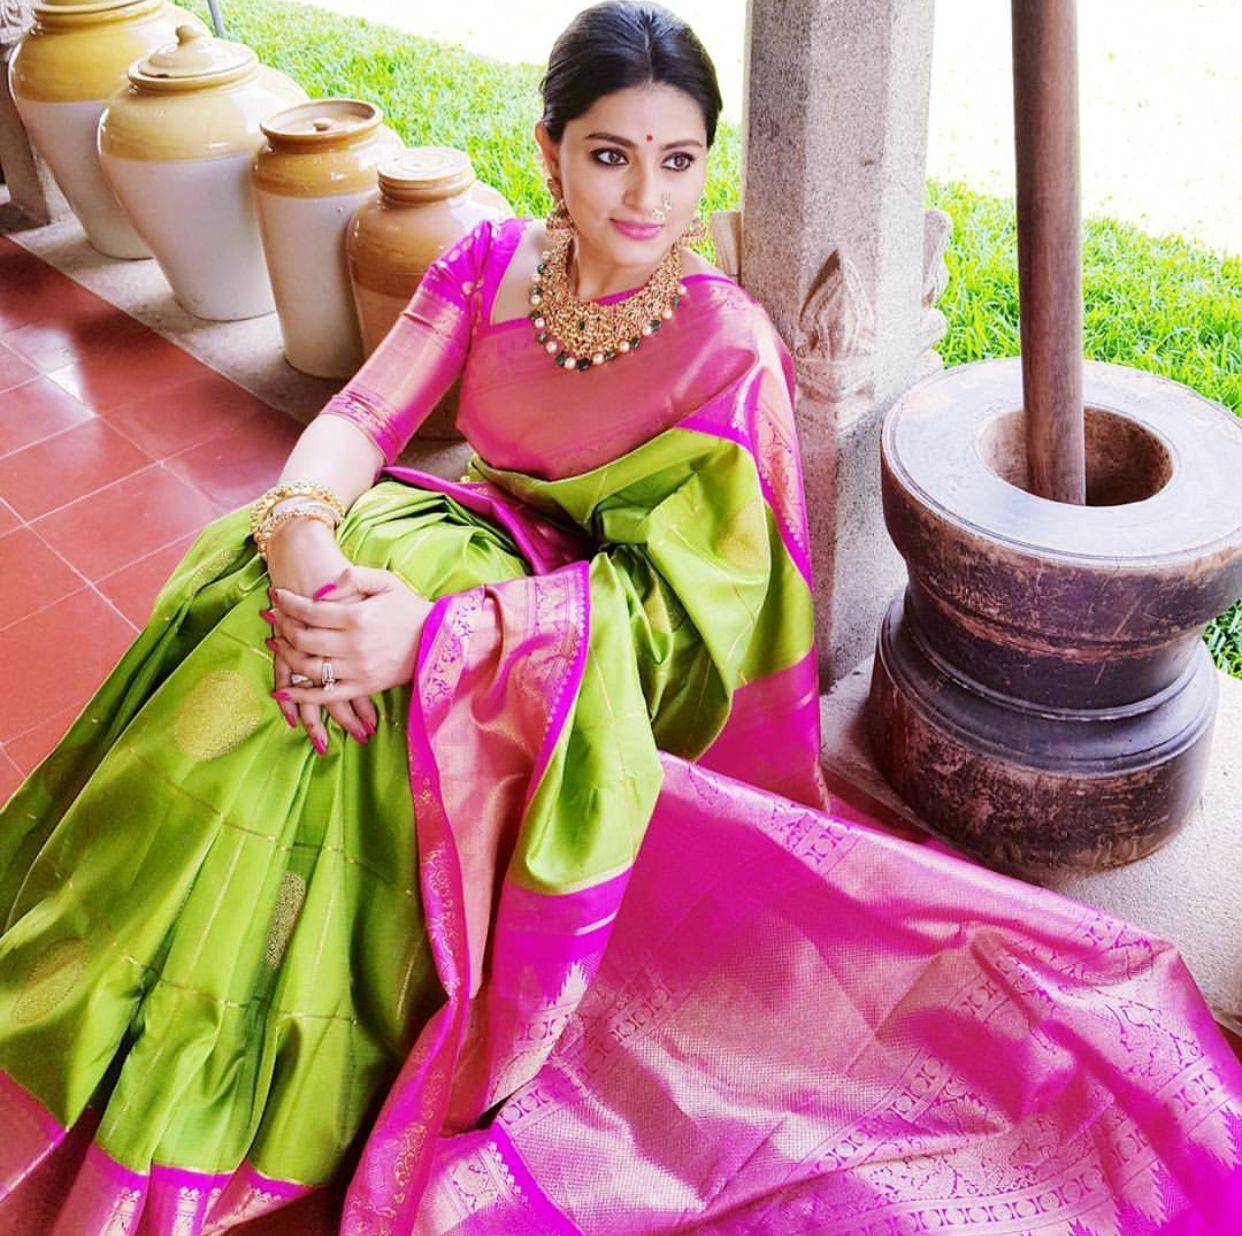 Pin by Merina on Saree & Kurtha | Pinterest | Saree, Saris and Saree ...